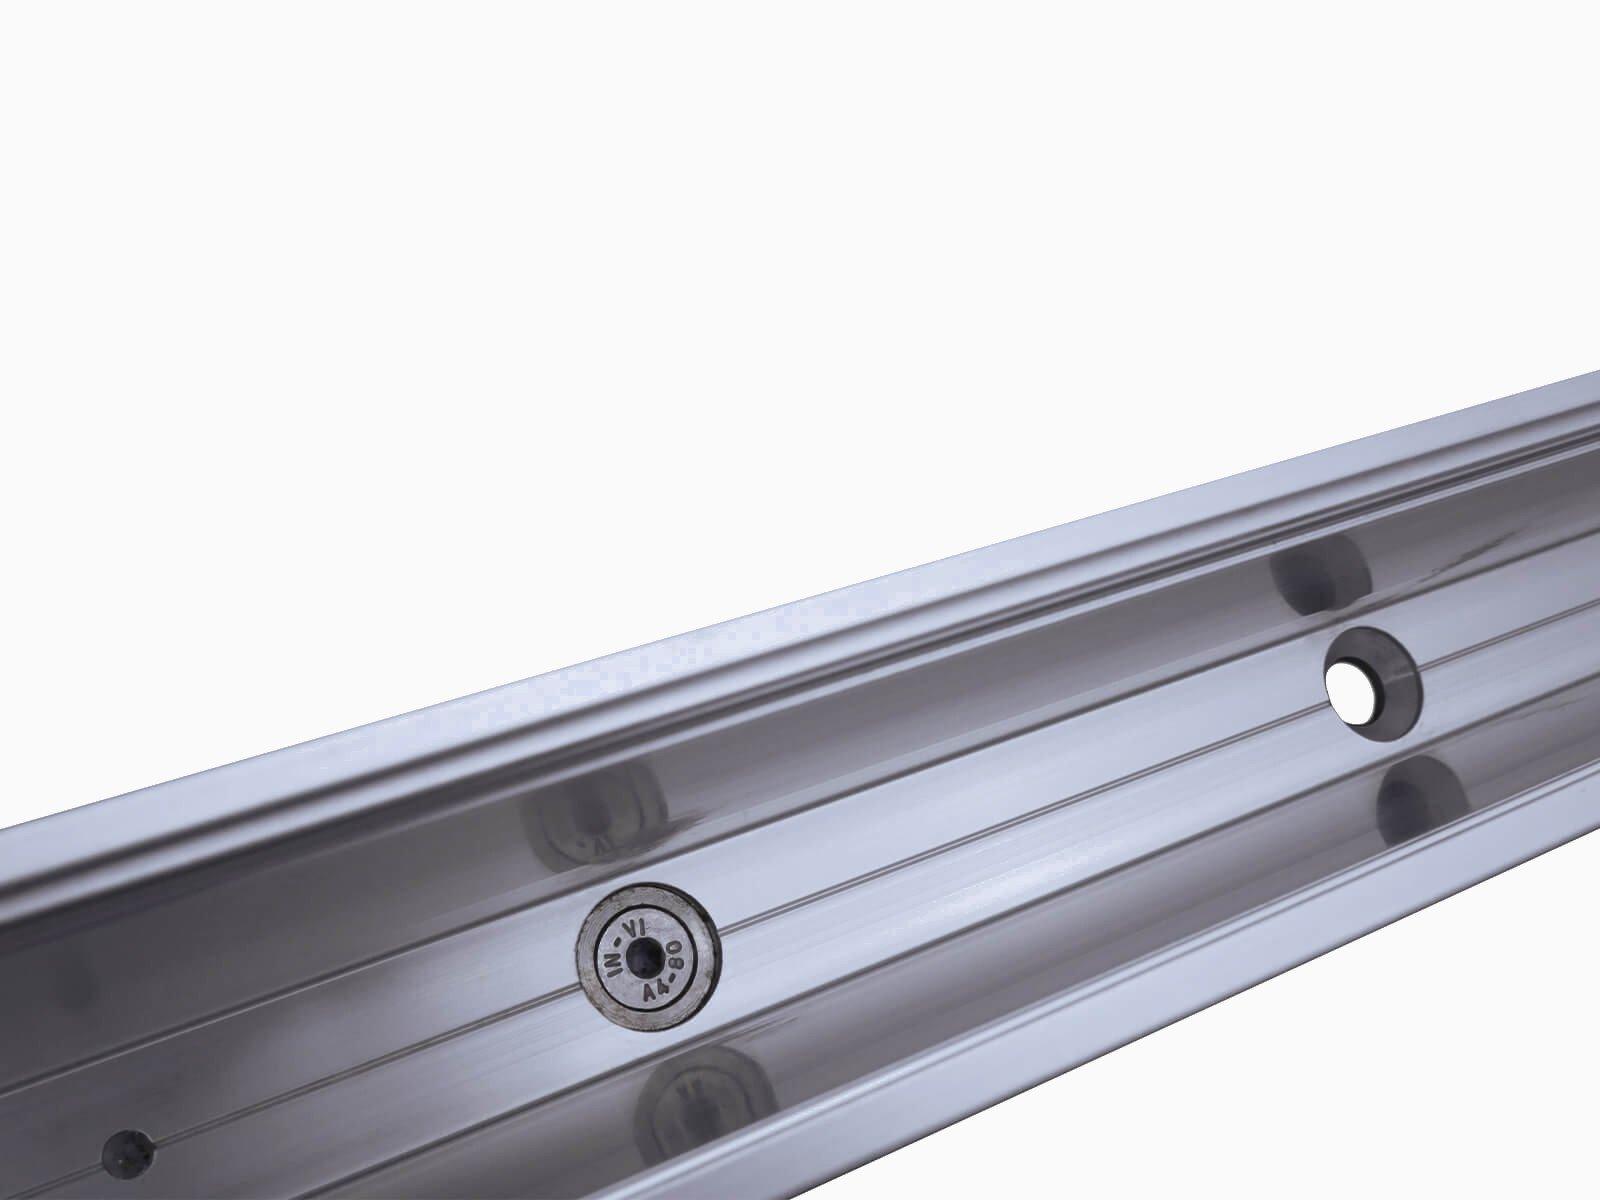 Brüstungsgeländer aus Glas FORMAL direkte Befestigung durch Profilboden platzsparende Montagefläche